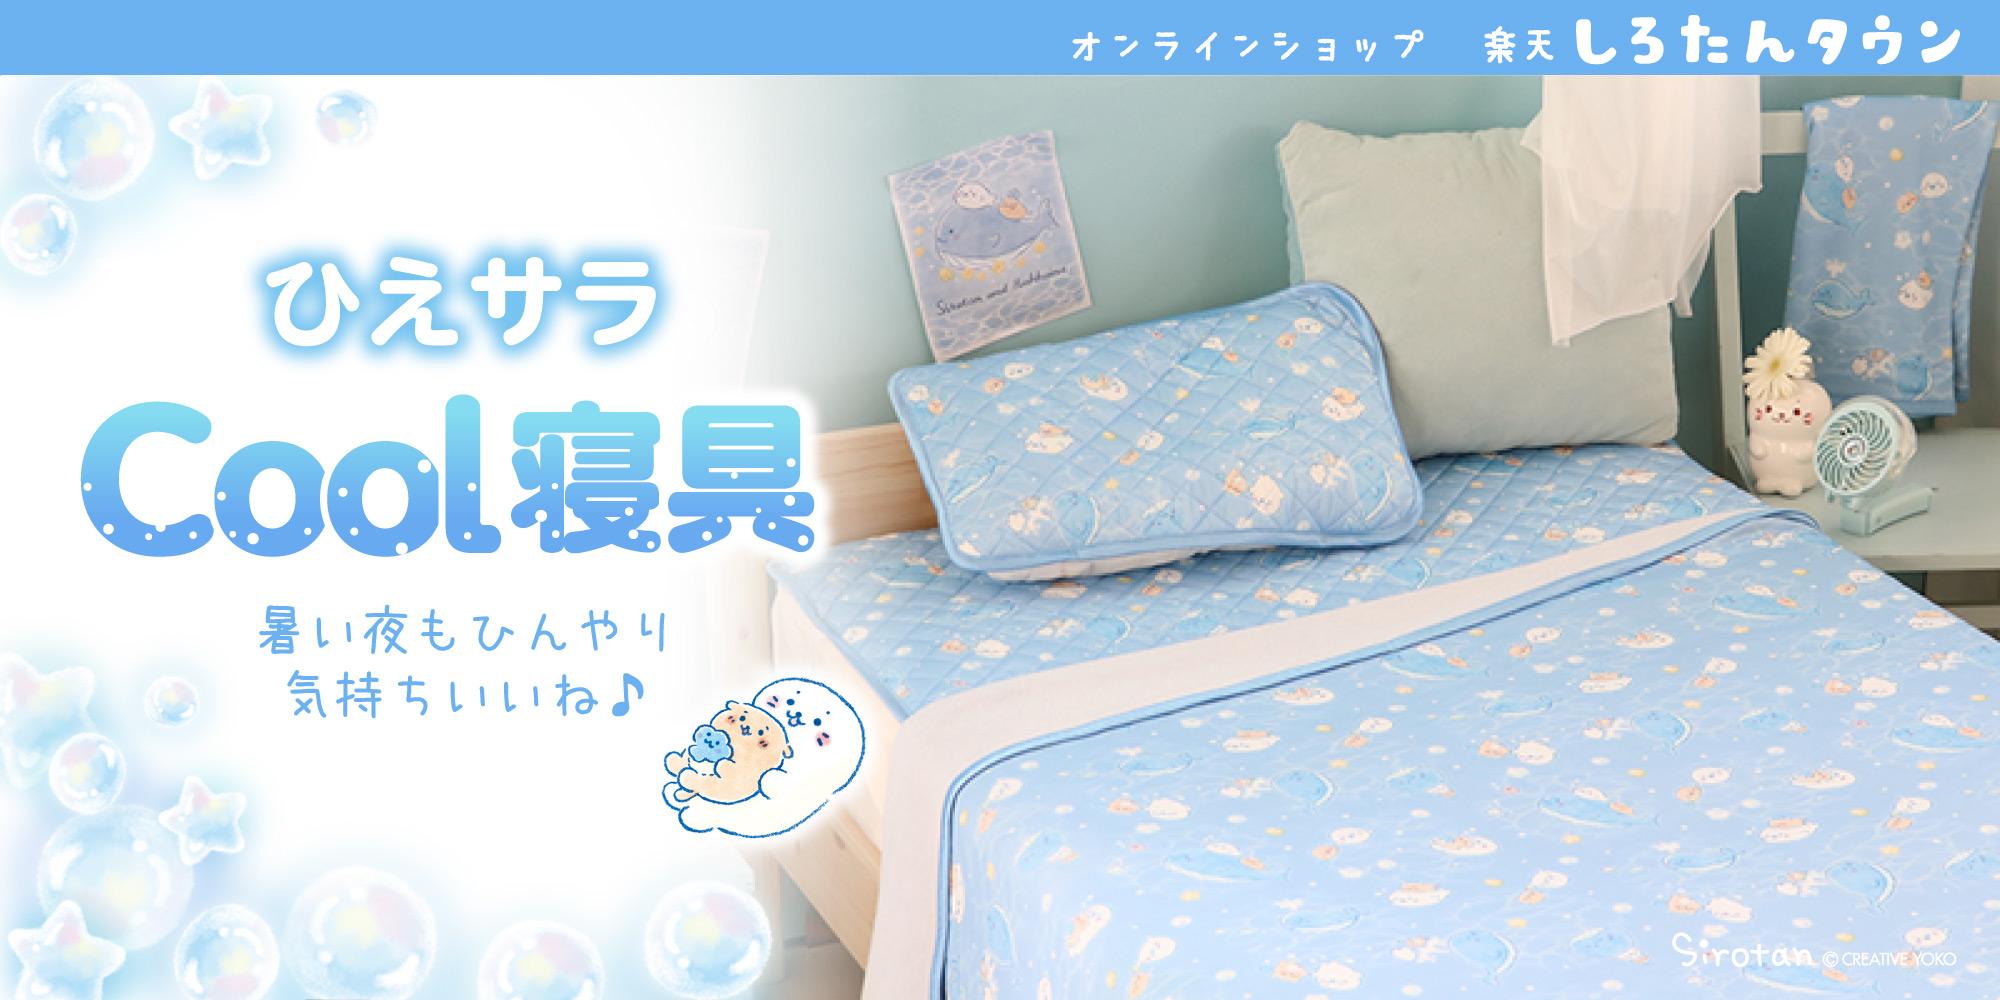 楽天しろたんタウン:ひえサラCool寝具